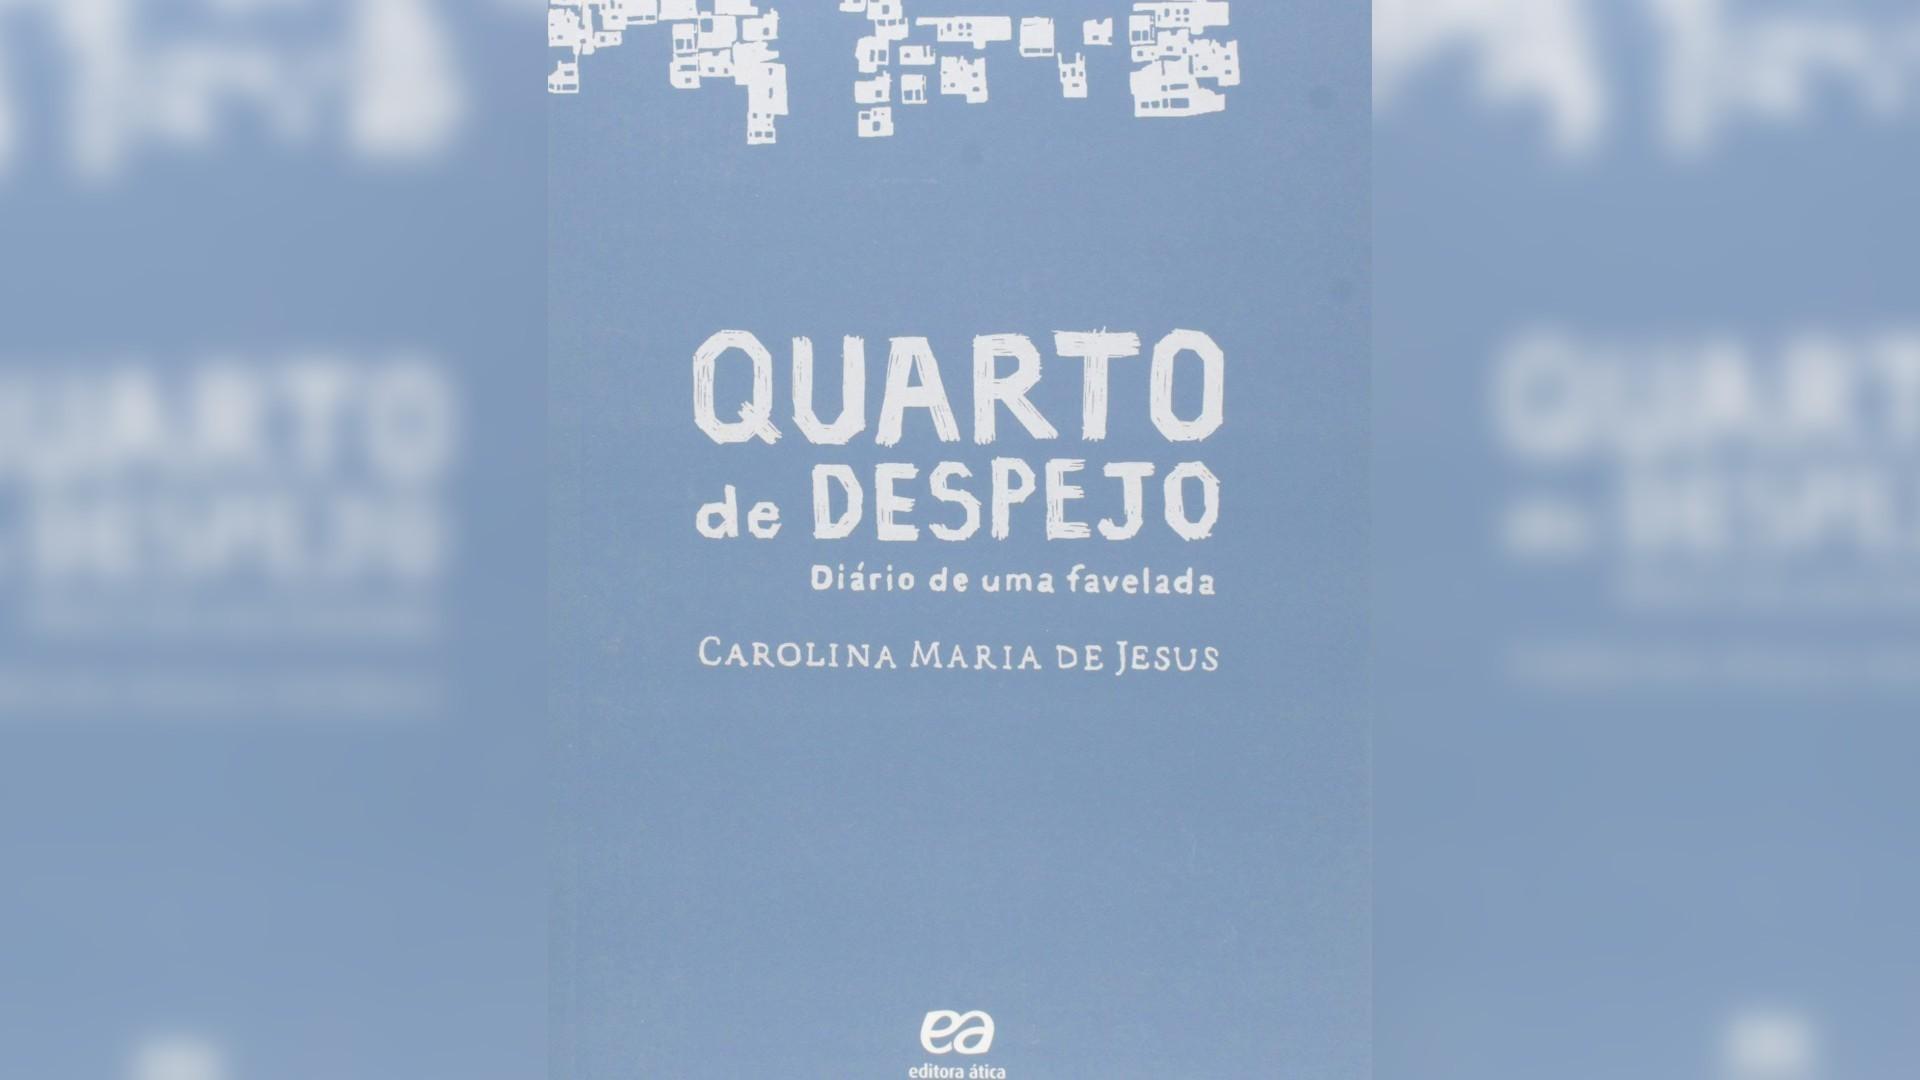 Teste seus conhecimentos sobre a obra Quarto de Despejo, de Carolina Maria de Jesus; QUIZ